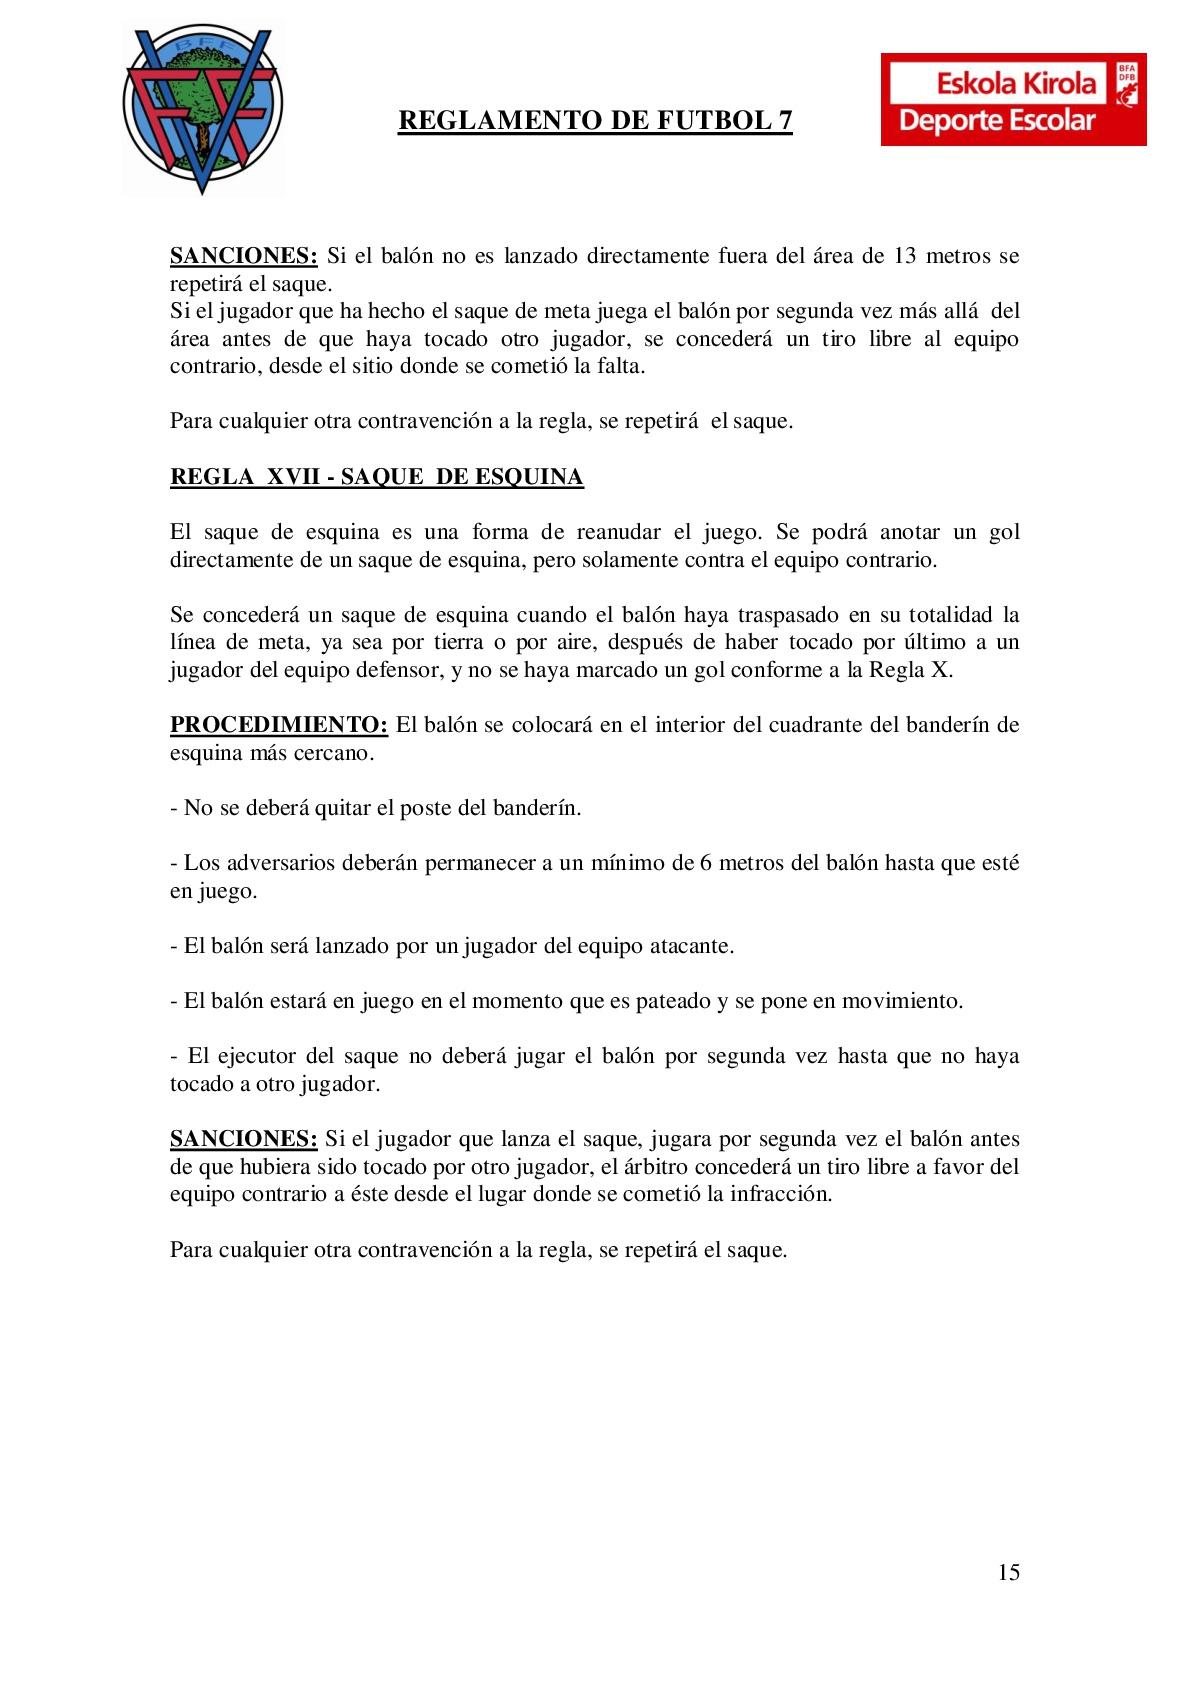 Reglamento-F7-015